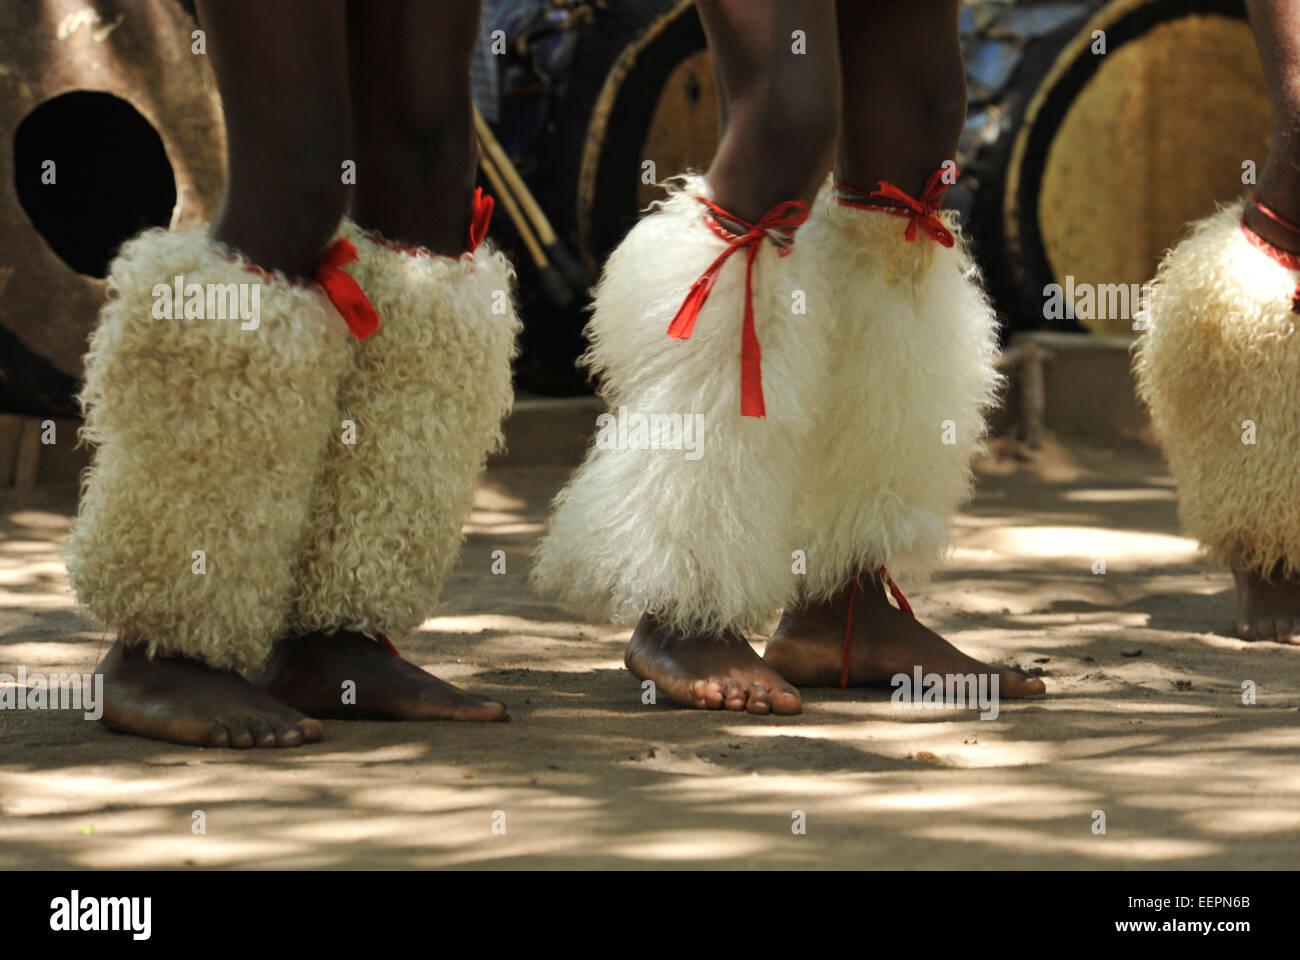 Matsamo, Swazilandia, gente, pies y piernas, bailarines Swazi, vestido de guerrero tradicional ceremonial, entretenimiento, Imagen De Stock